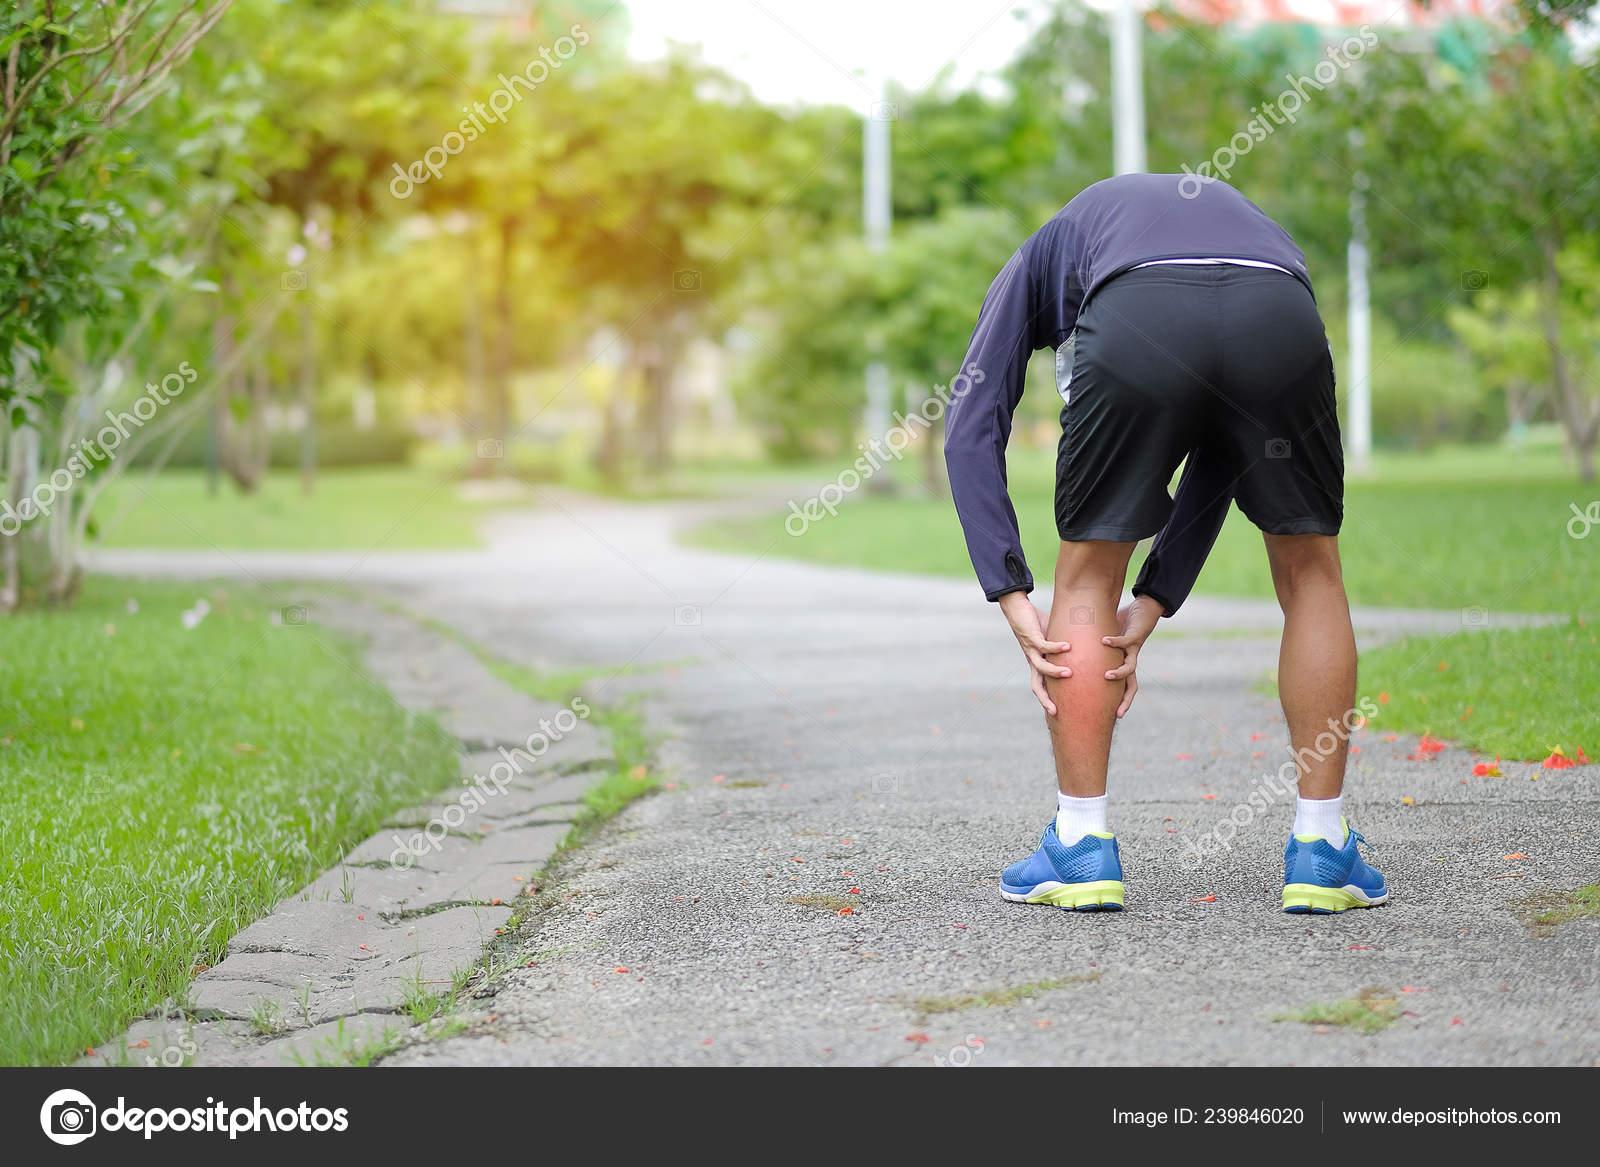 Dolor en la pantorrilla despues de correr